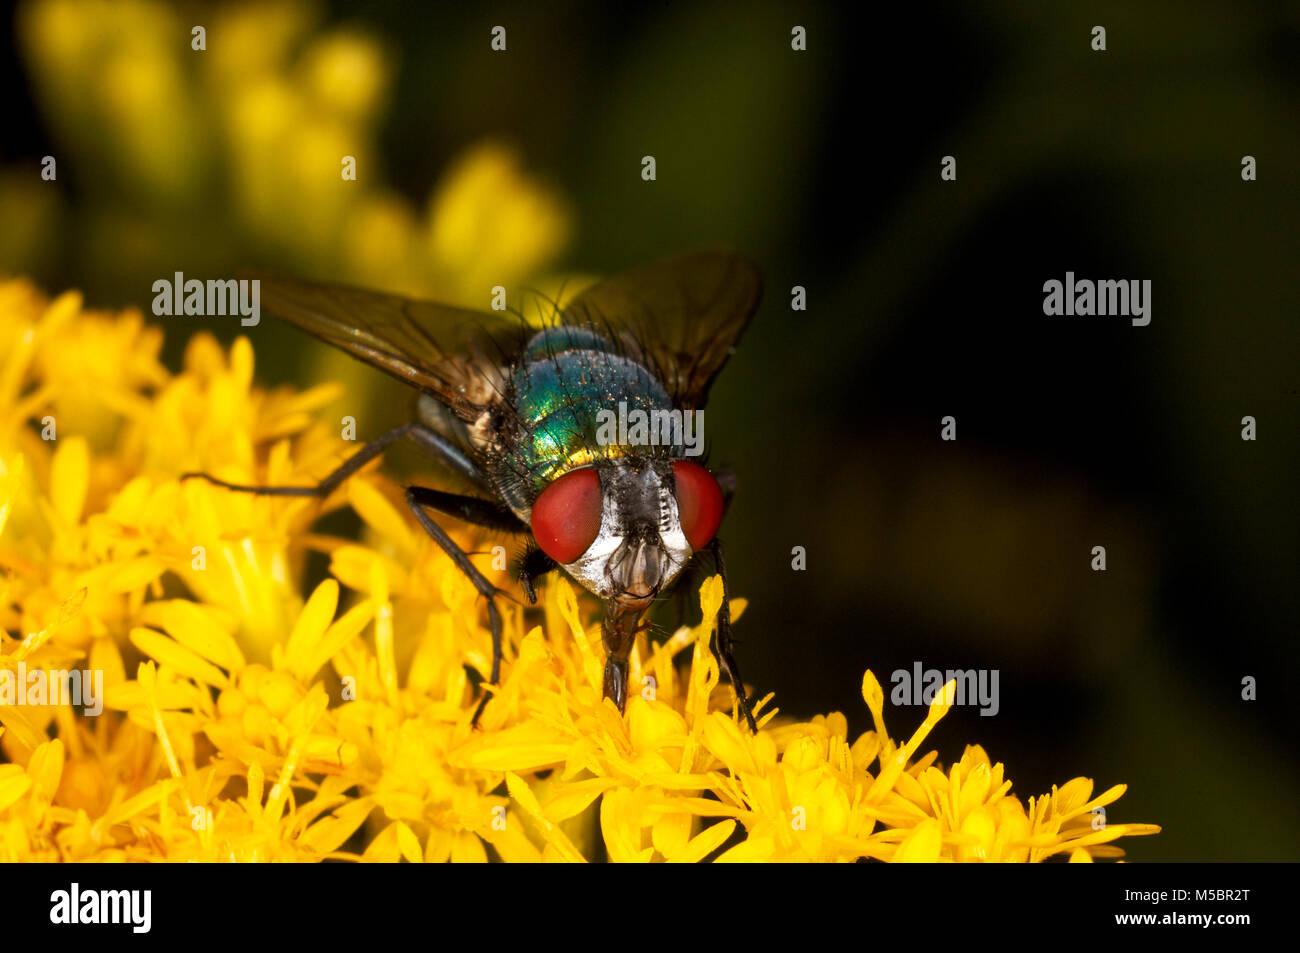 Fliege auf einer Blume Stock Photo